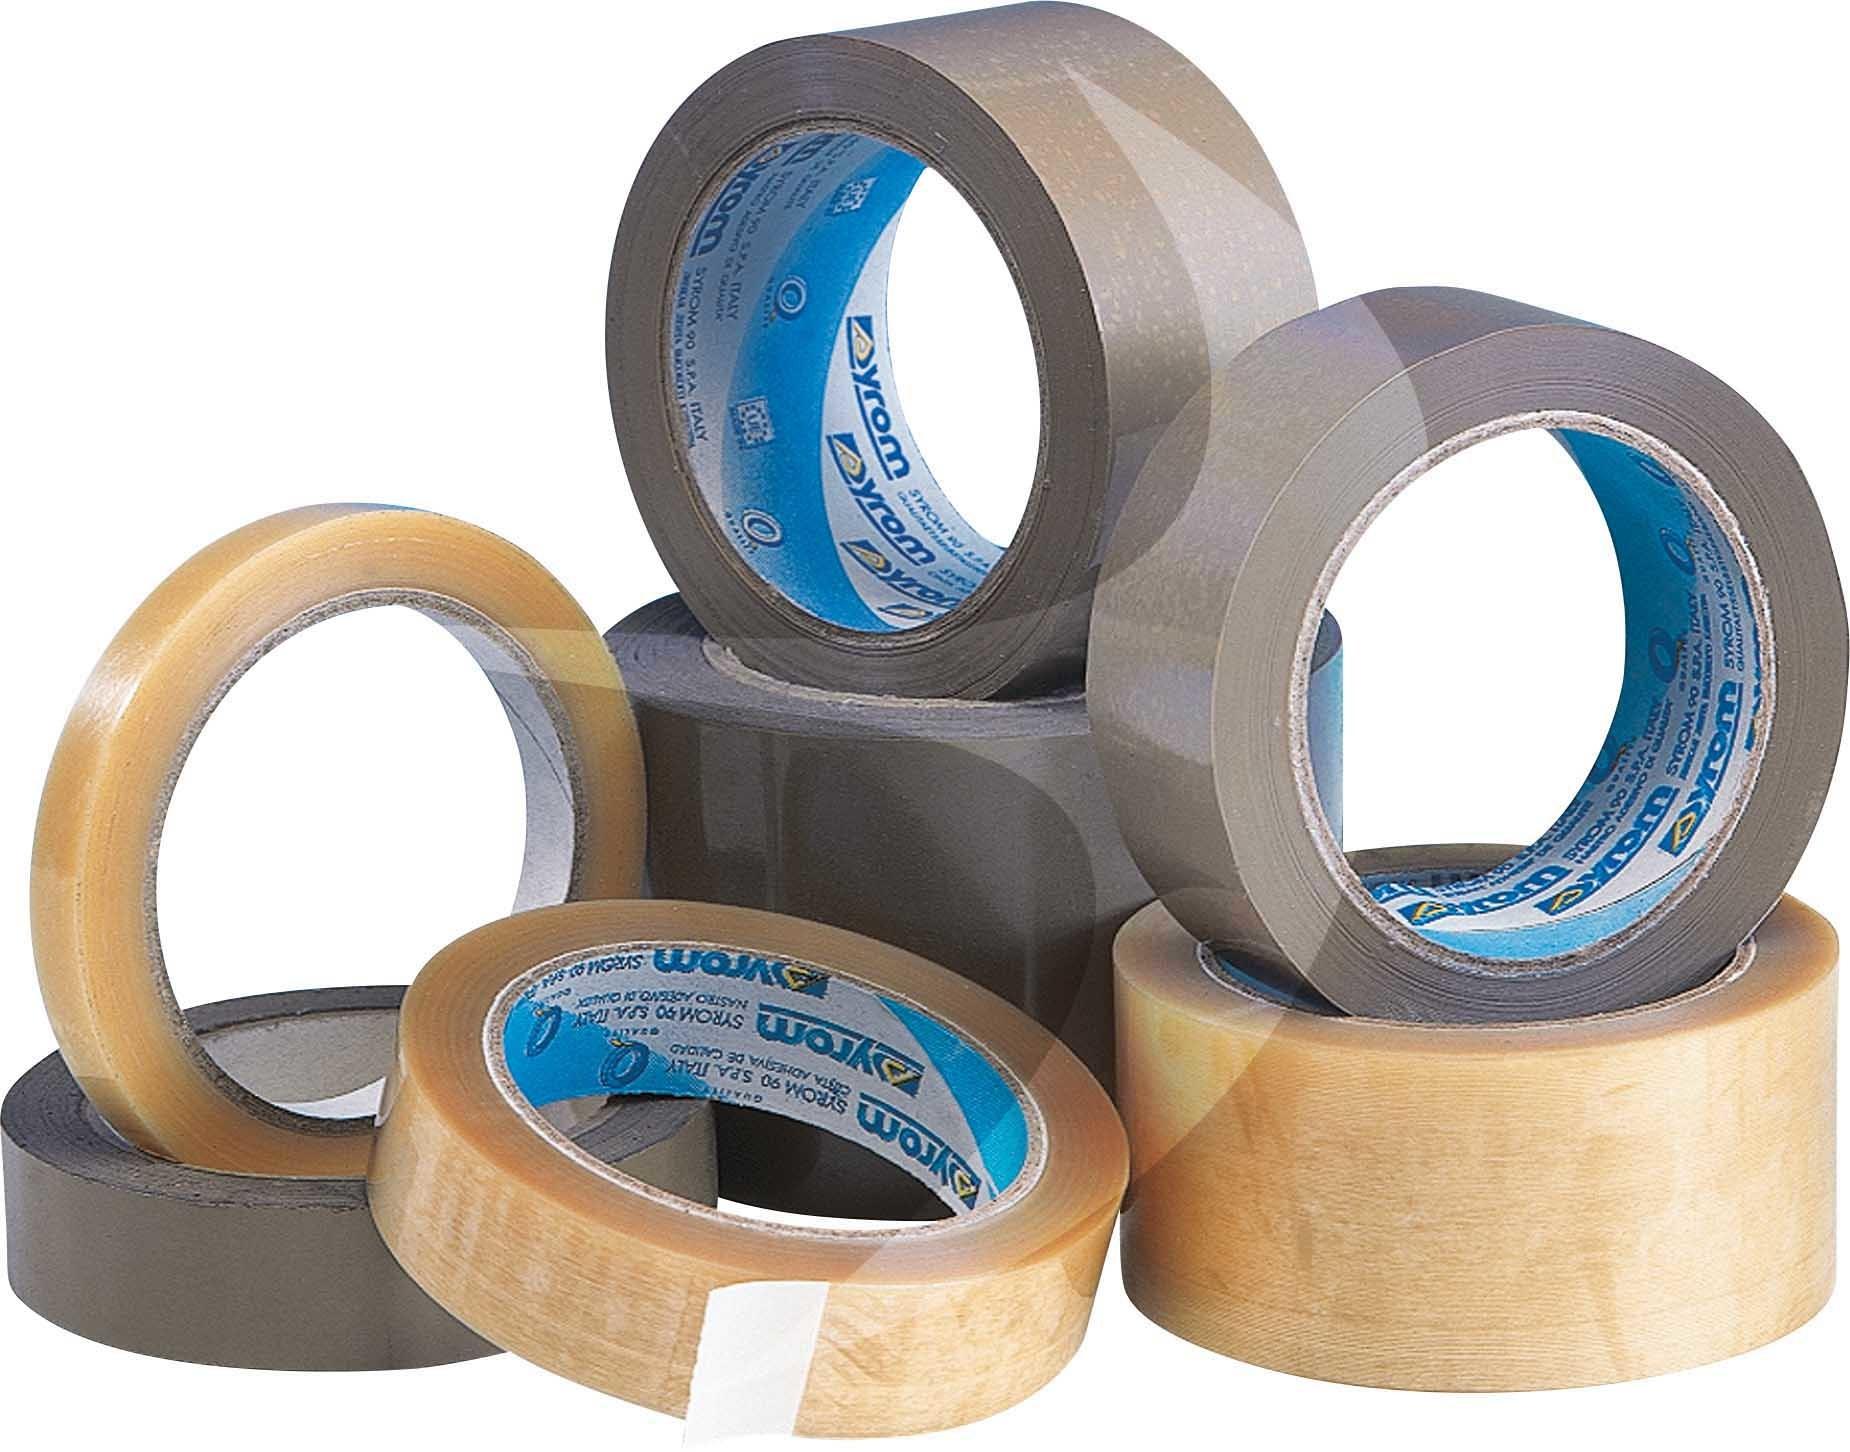 DENVA 24mm x 66m Clear PP Tape